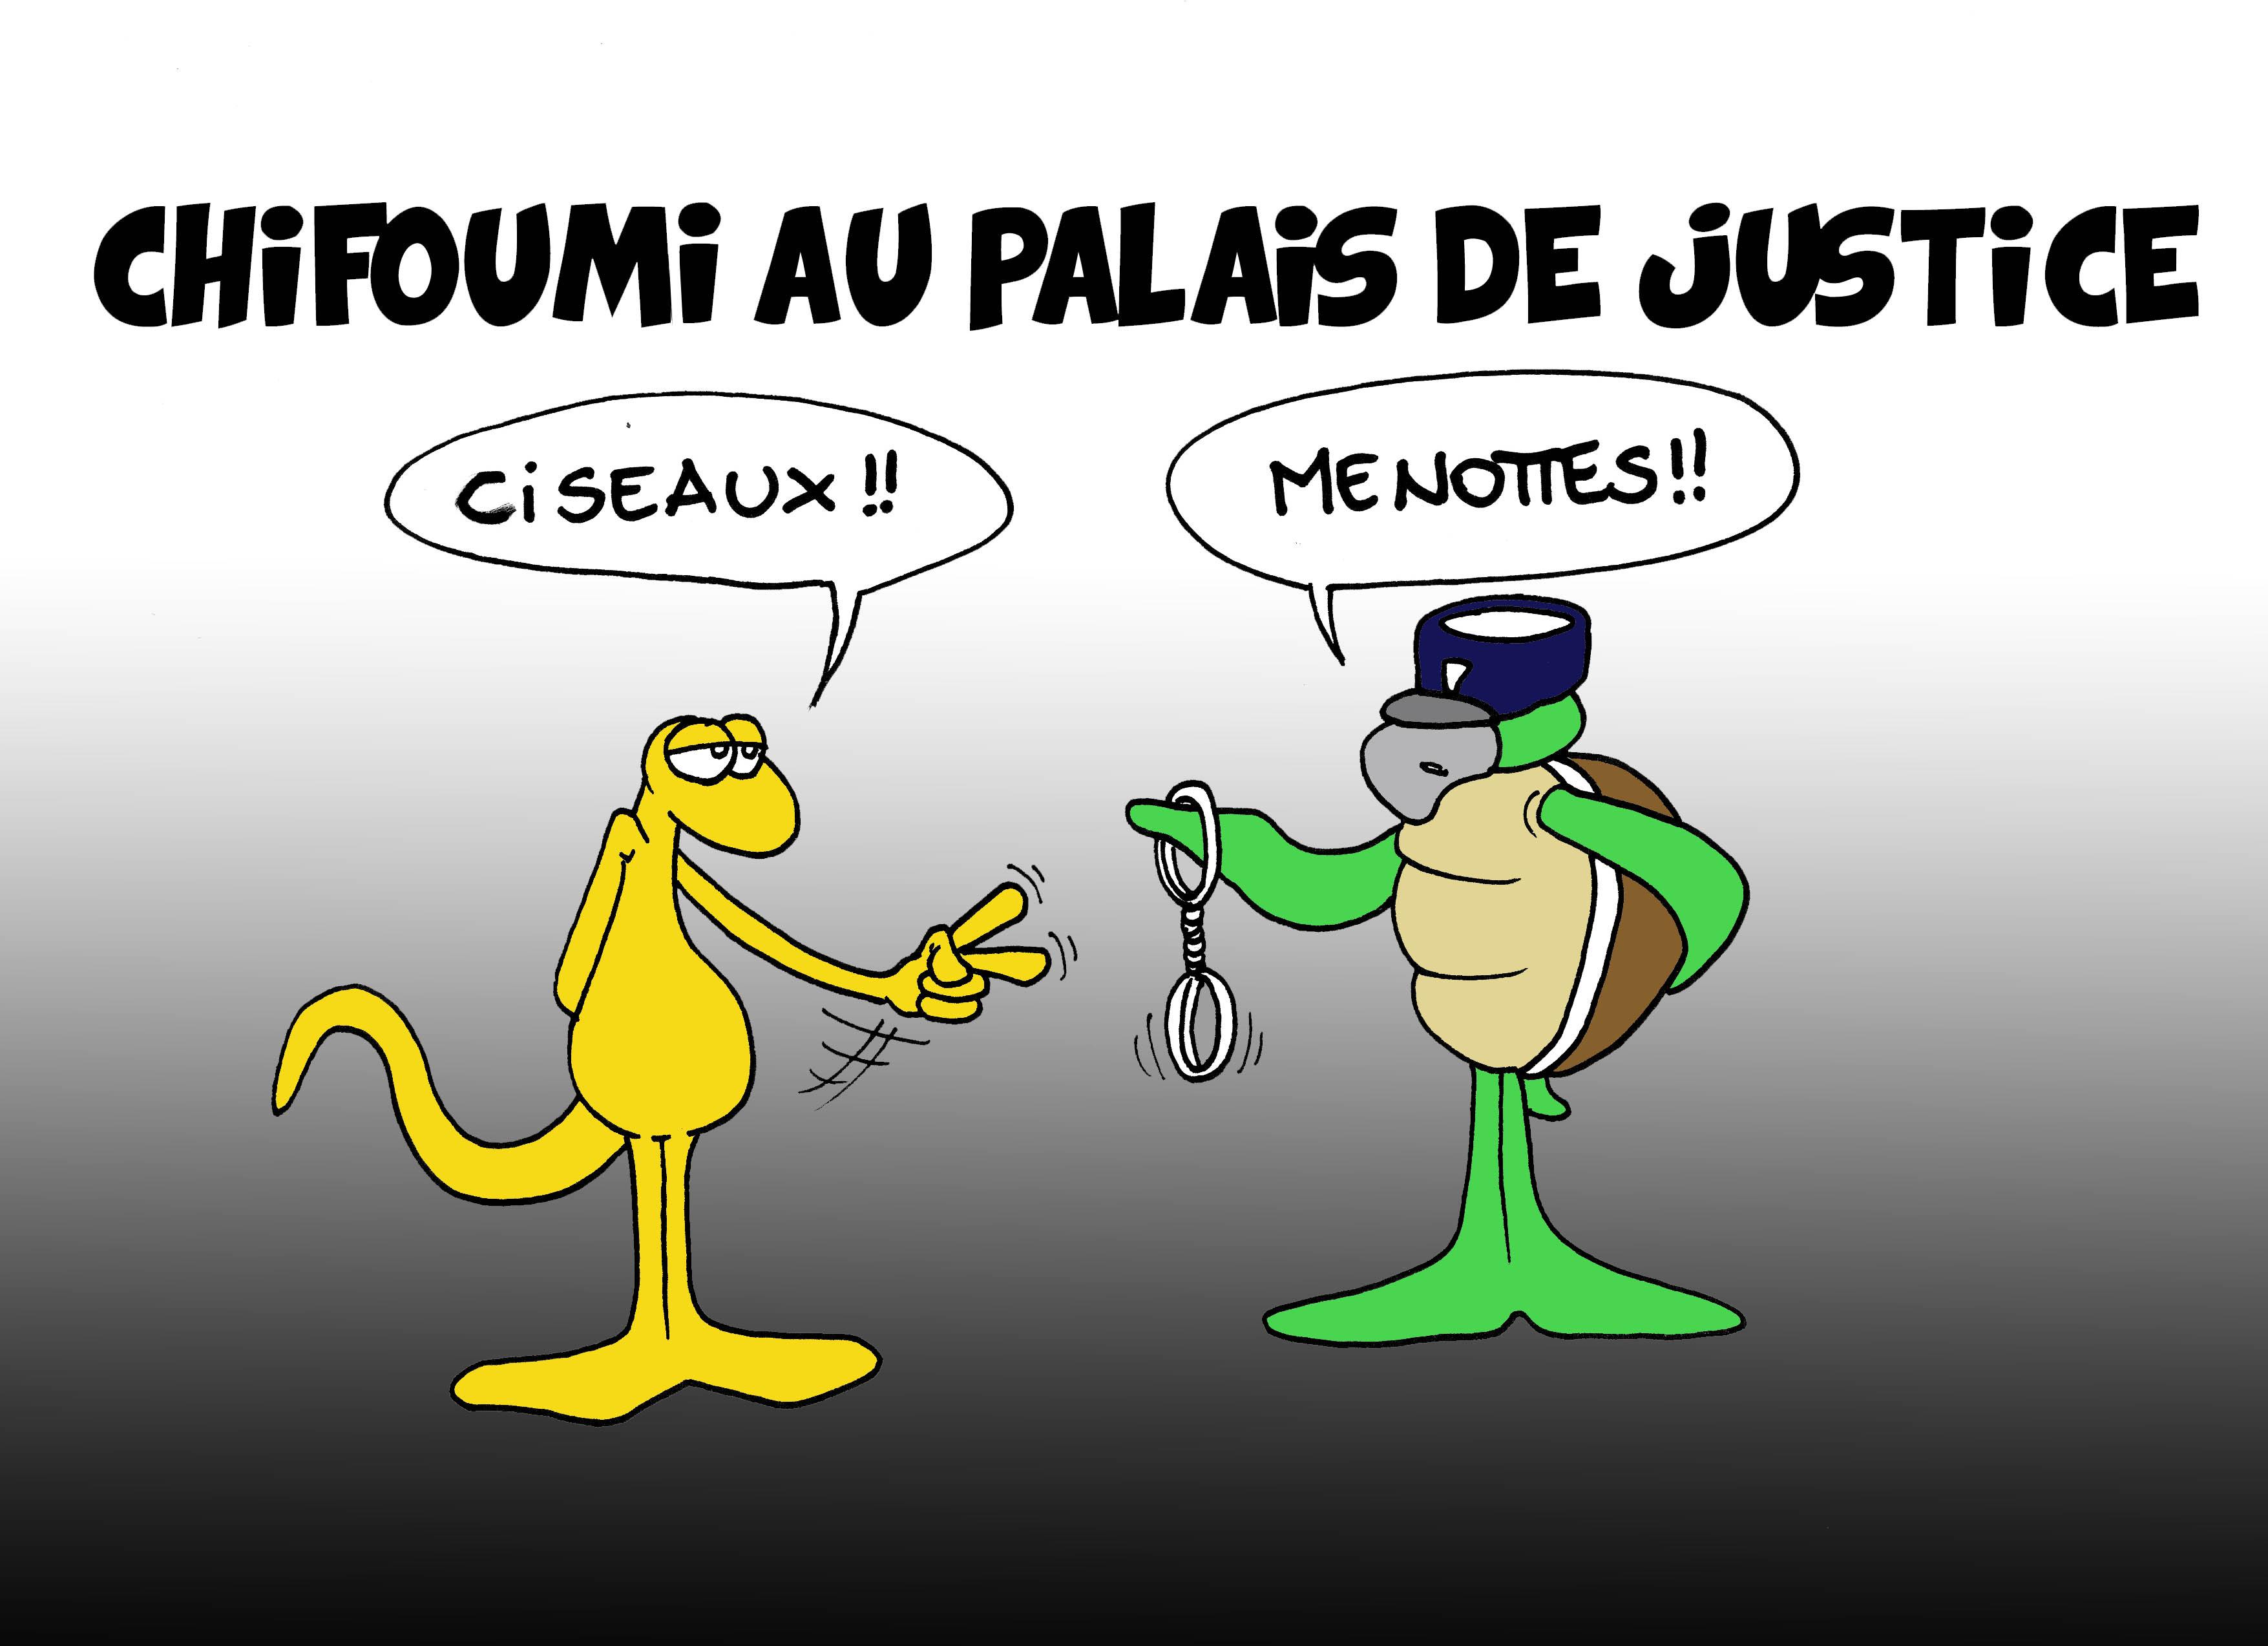 """""""Chifoumi au palais de justice"""" par Munoz"""